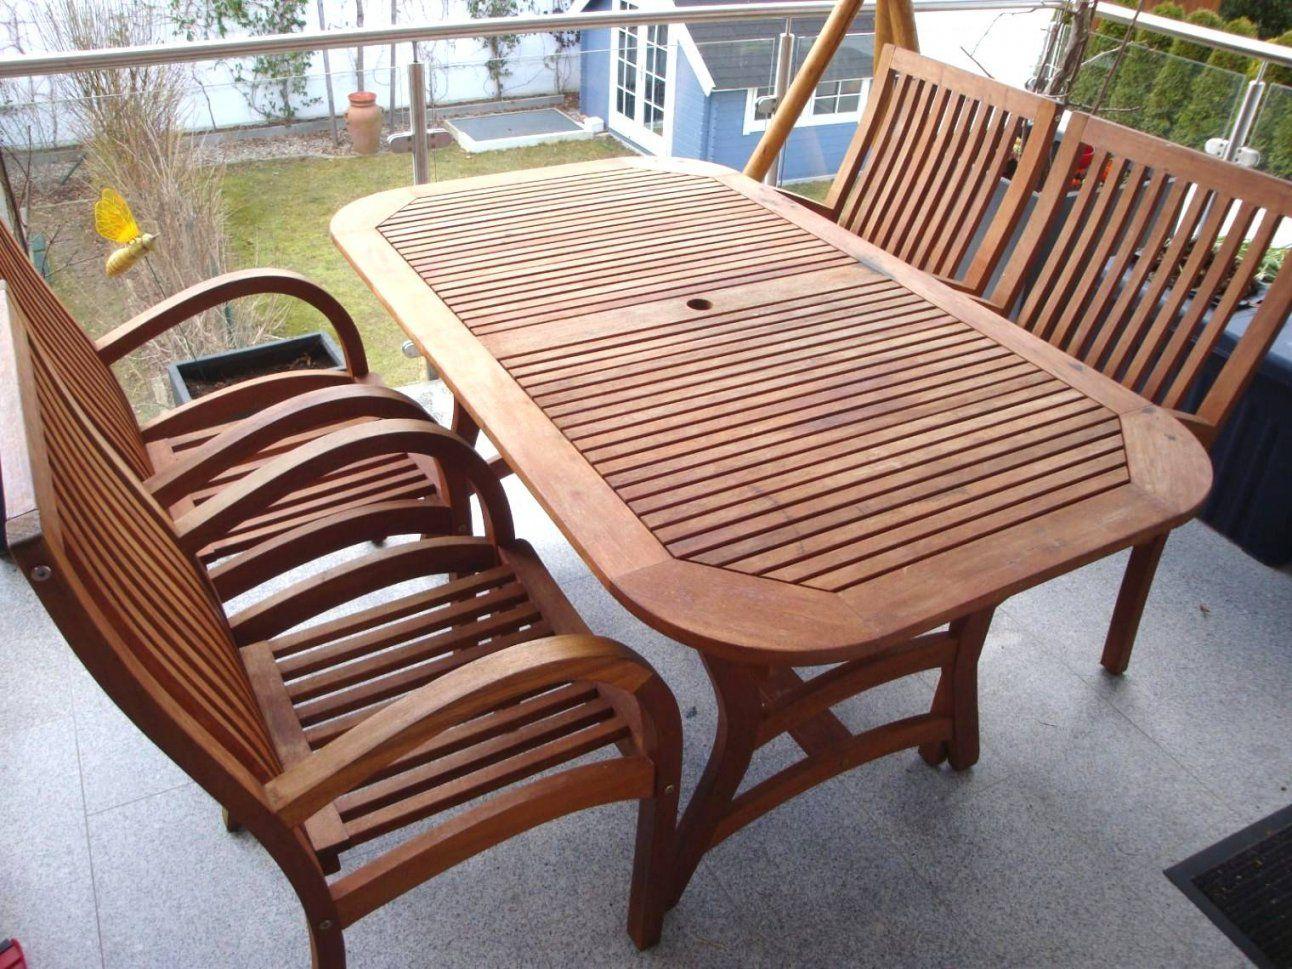 Rustikale Gartenmobel Aus Polen Das Beste Von 40 Gartenmöbel Holz von Gartenmöbel Holz Massiv Polen Bild